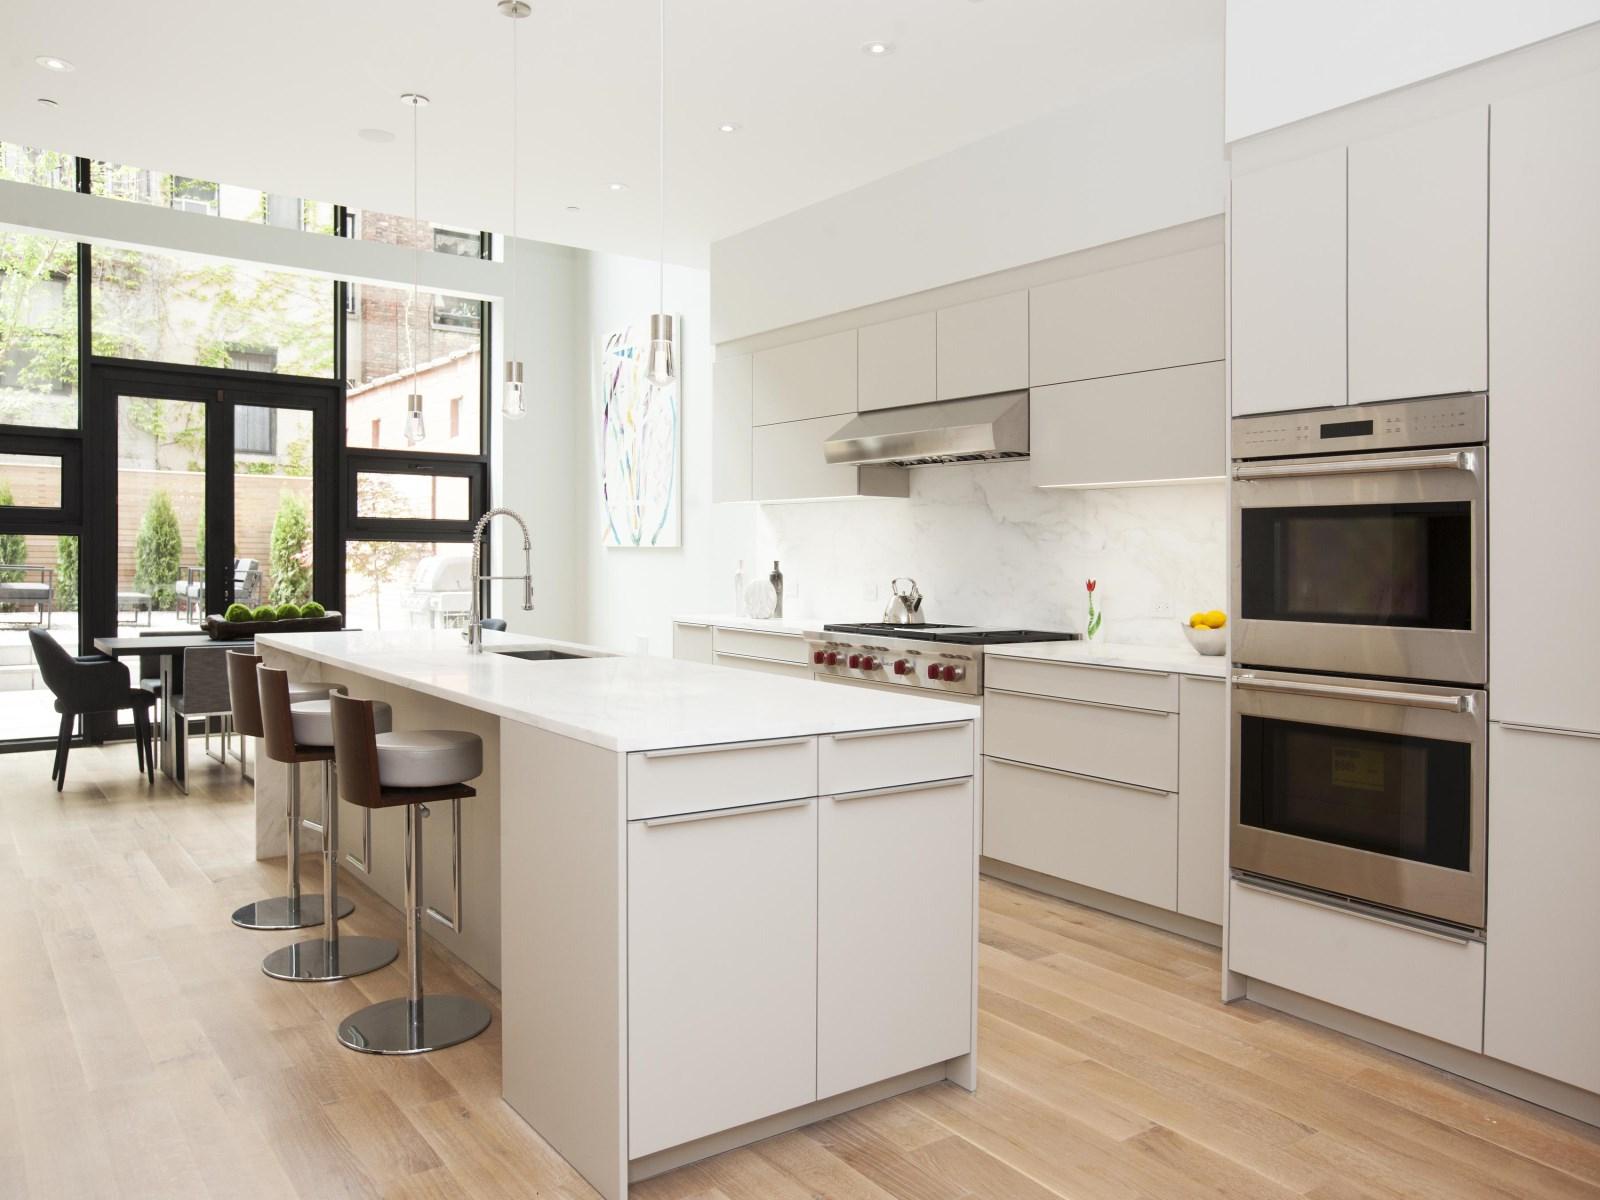 00_kitchen02.jpg